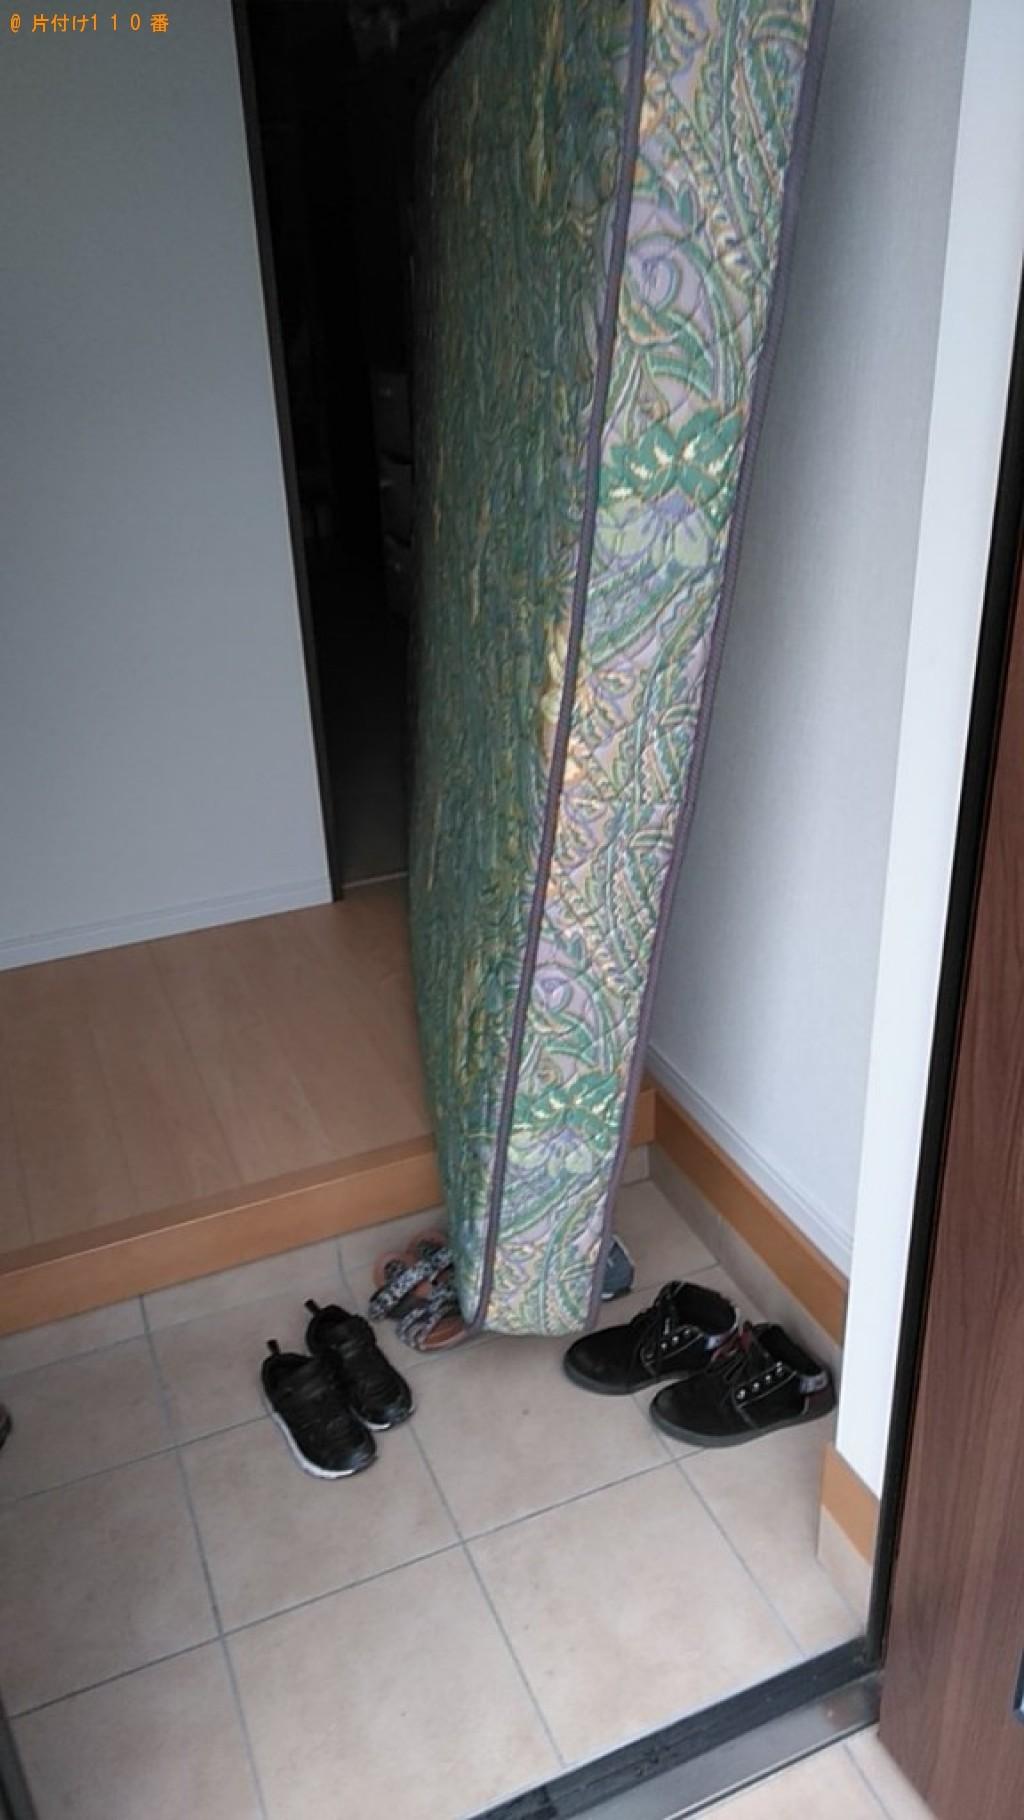 【松山市久米窪田町】クィーンベッドマットレスの回収・処分ご依頼